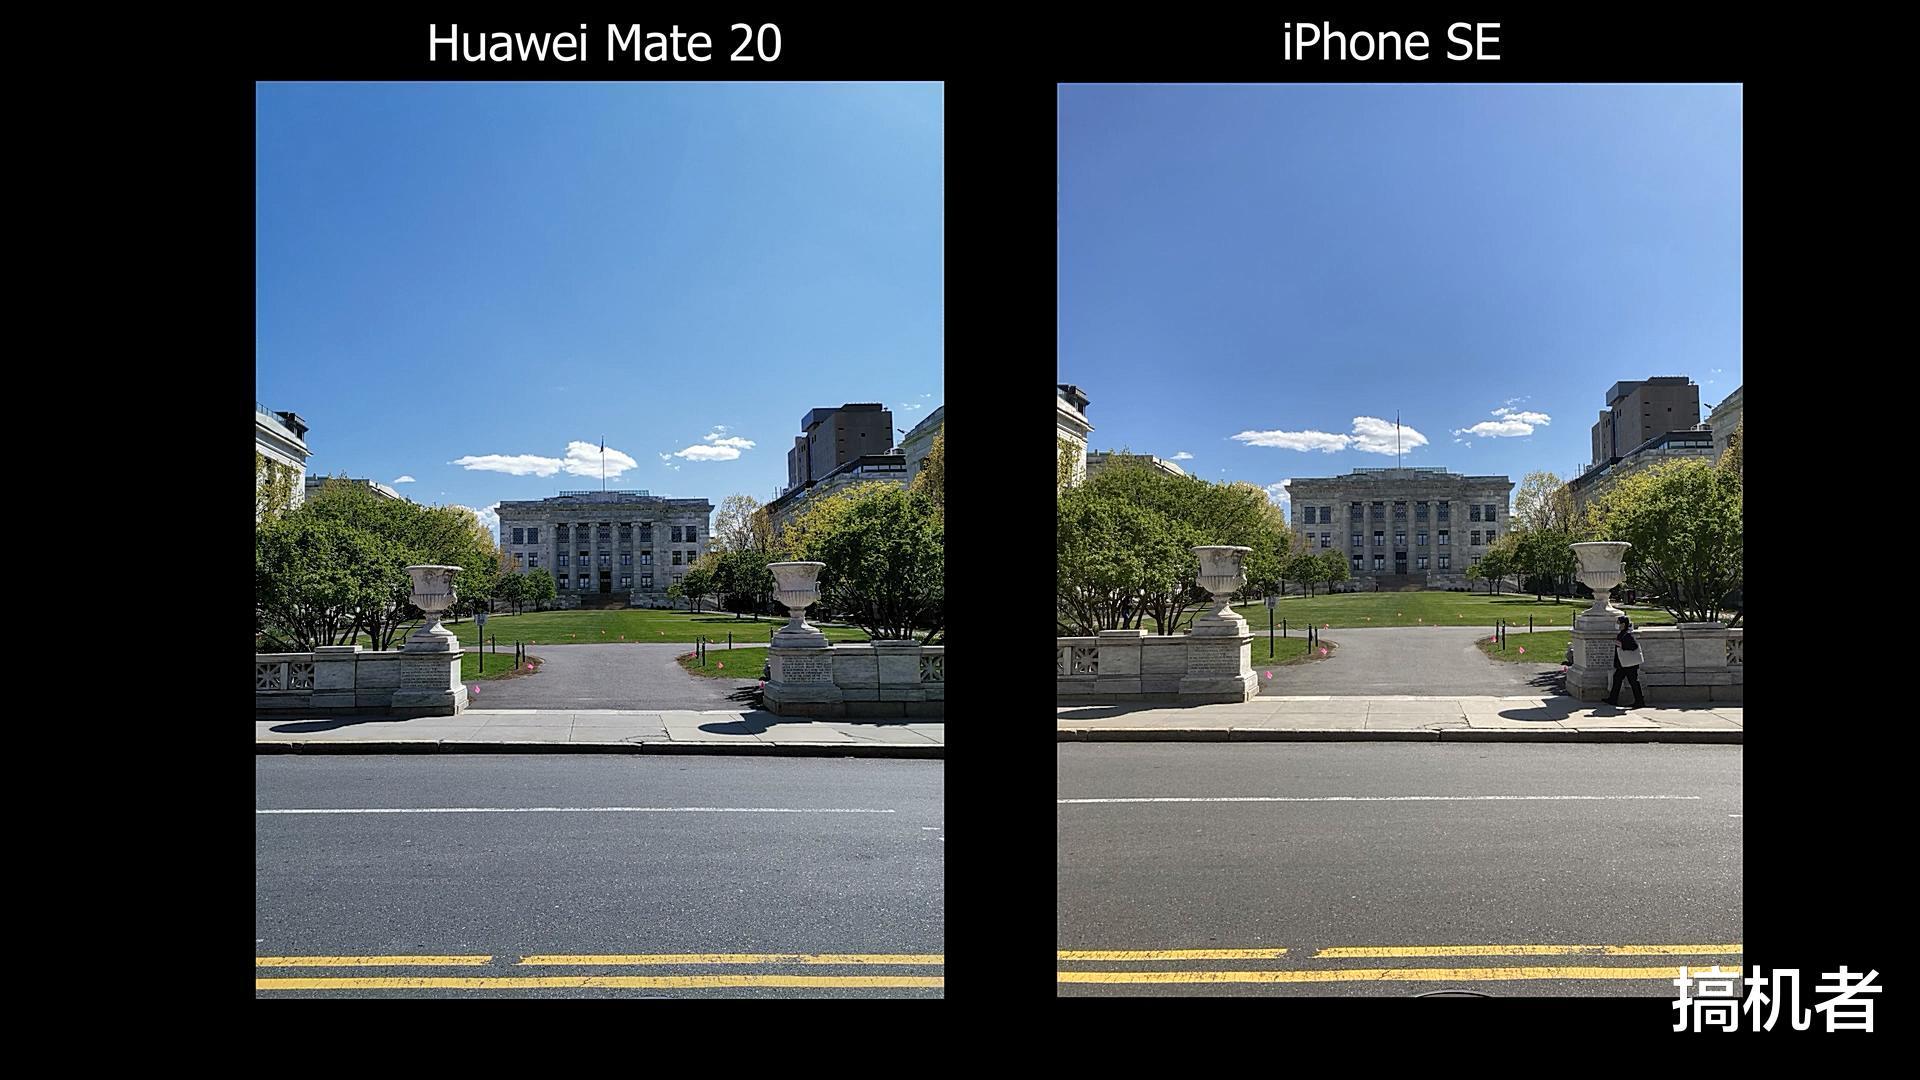 新iPhoneSE与华为Mate20拍照比拼:单镜头与三镜头的差距多大